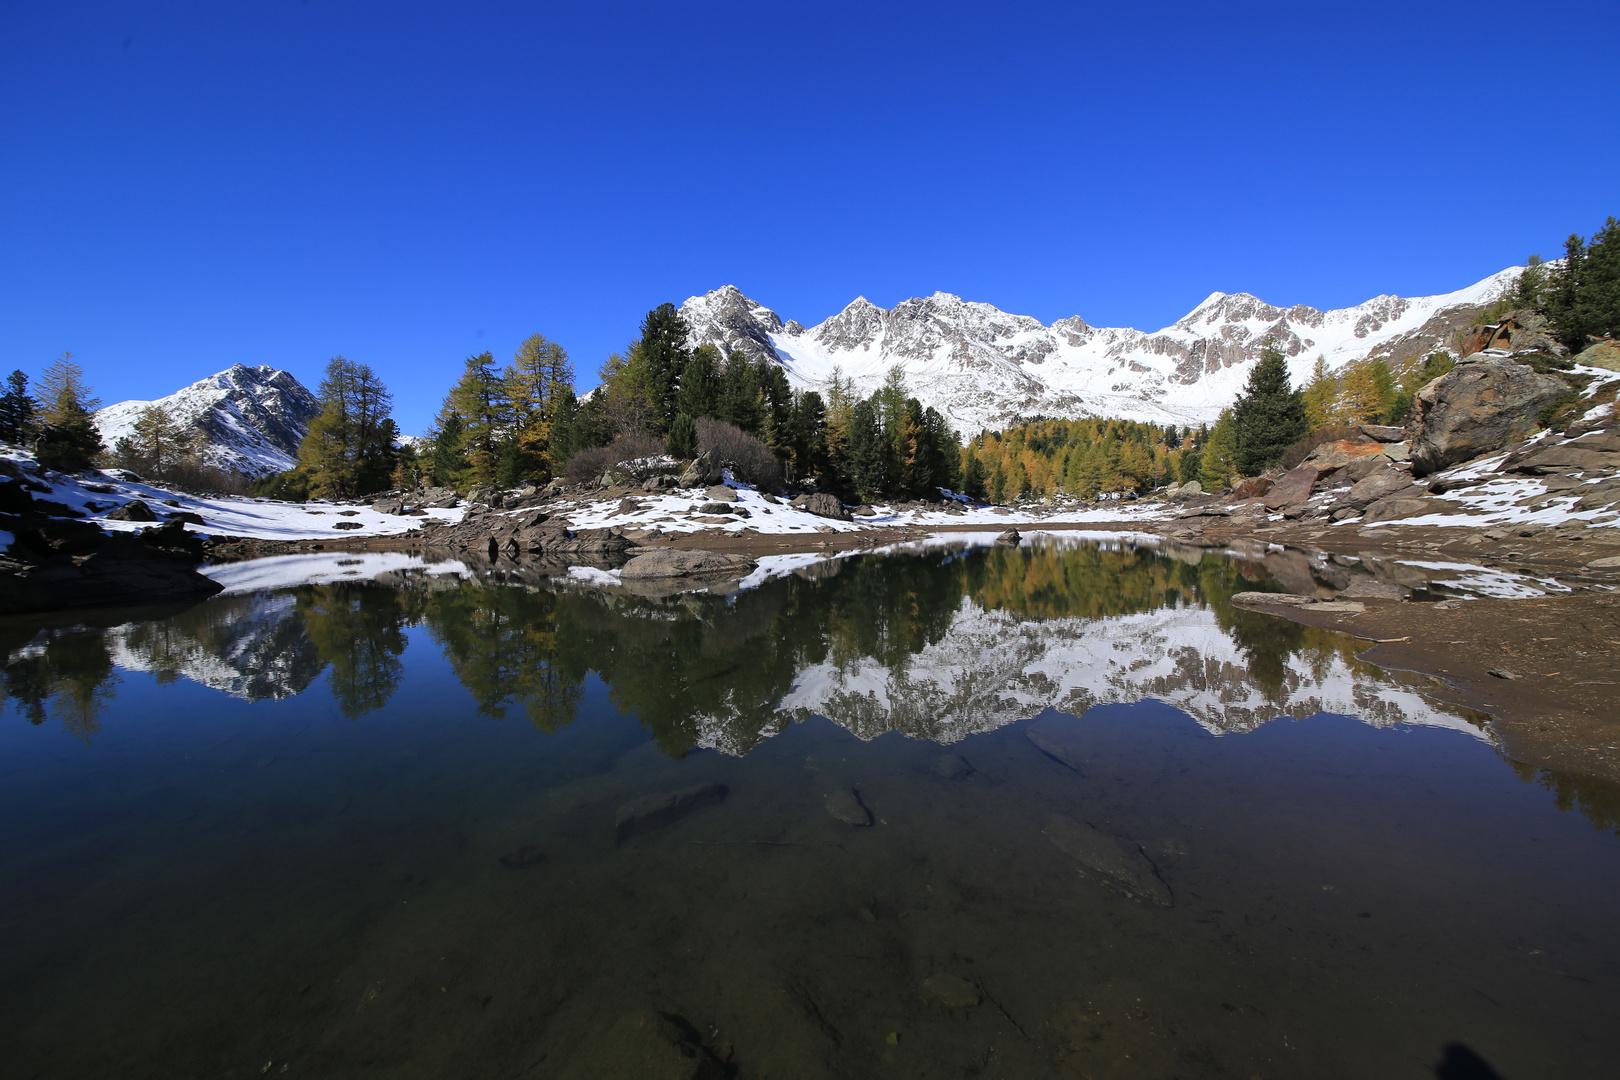 Am ruhigen Violasee, Val da Camp